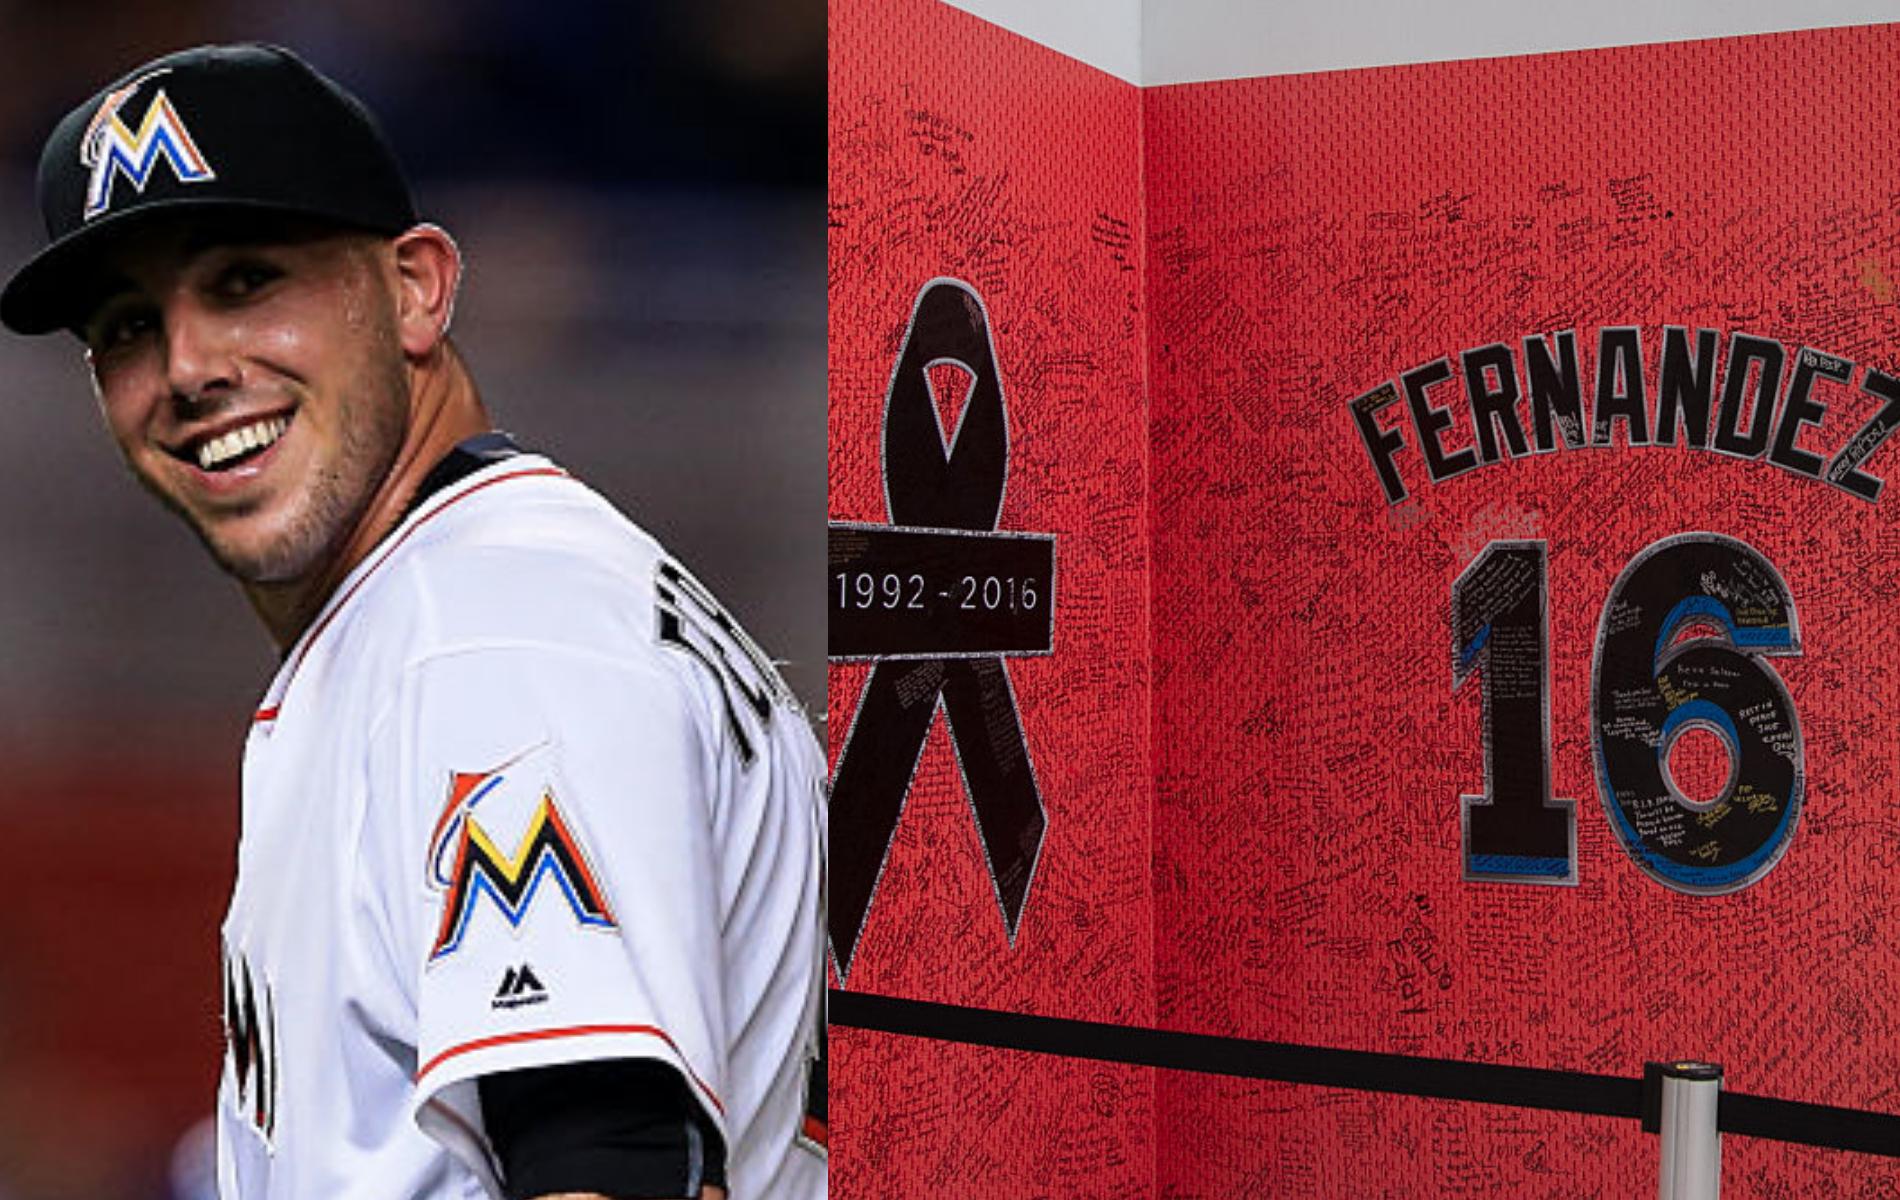 El recuerdo de José Fernández, tras dos años de la triste muerte del ídolo de Marlins